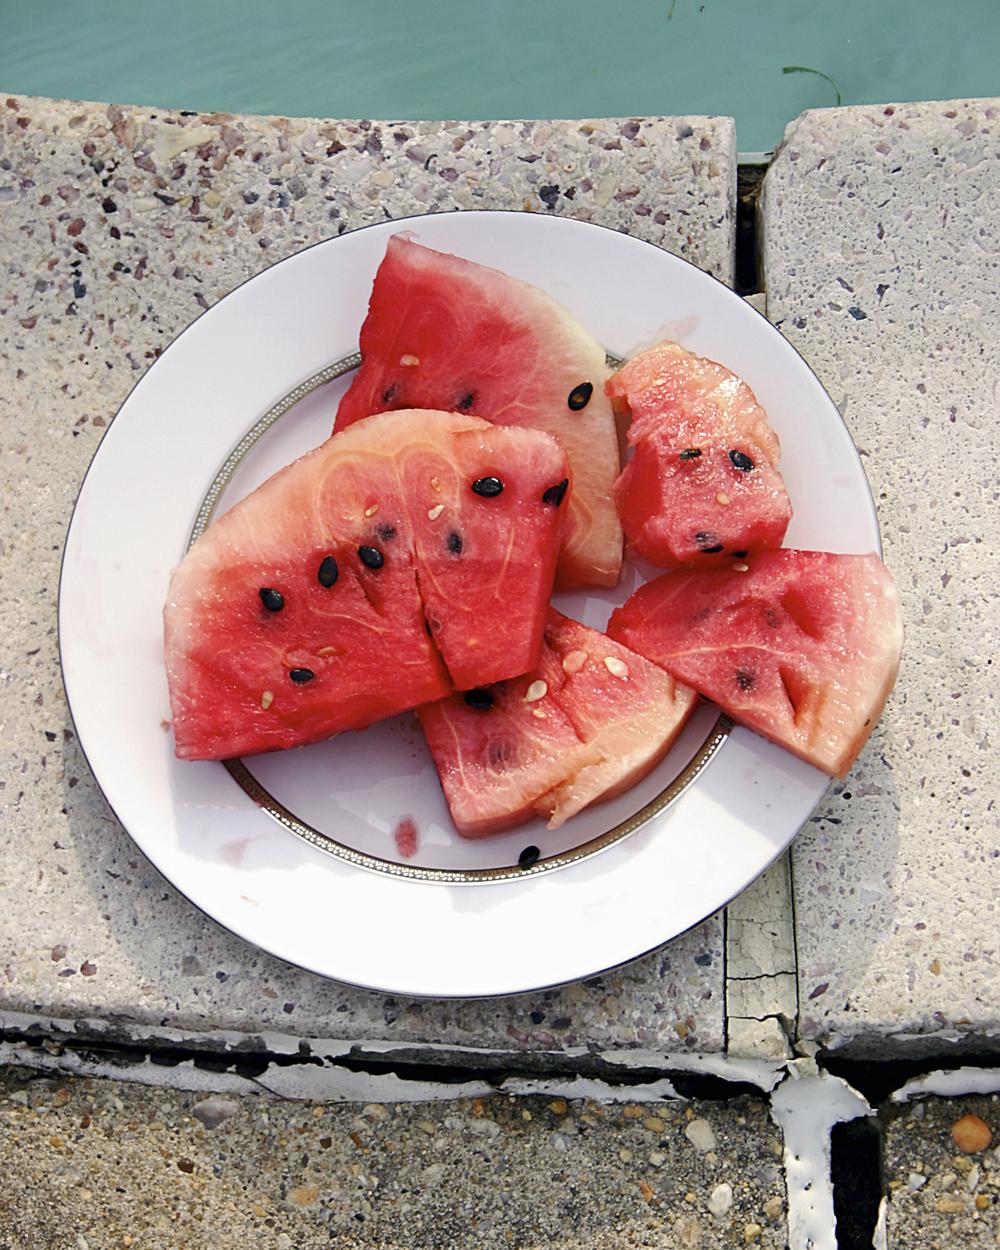 Watermelon 1.jpg